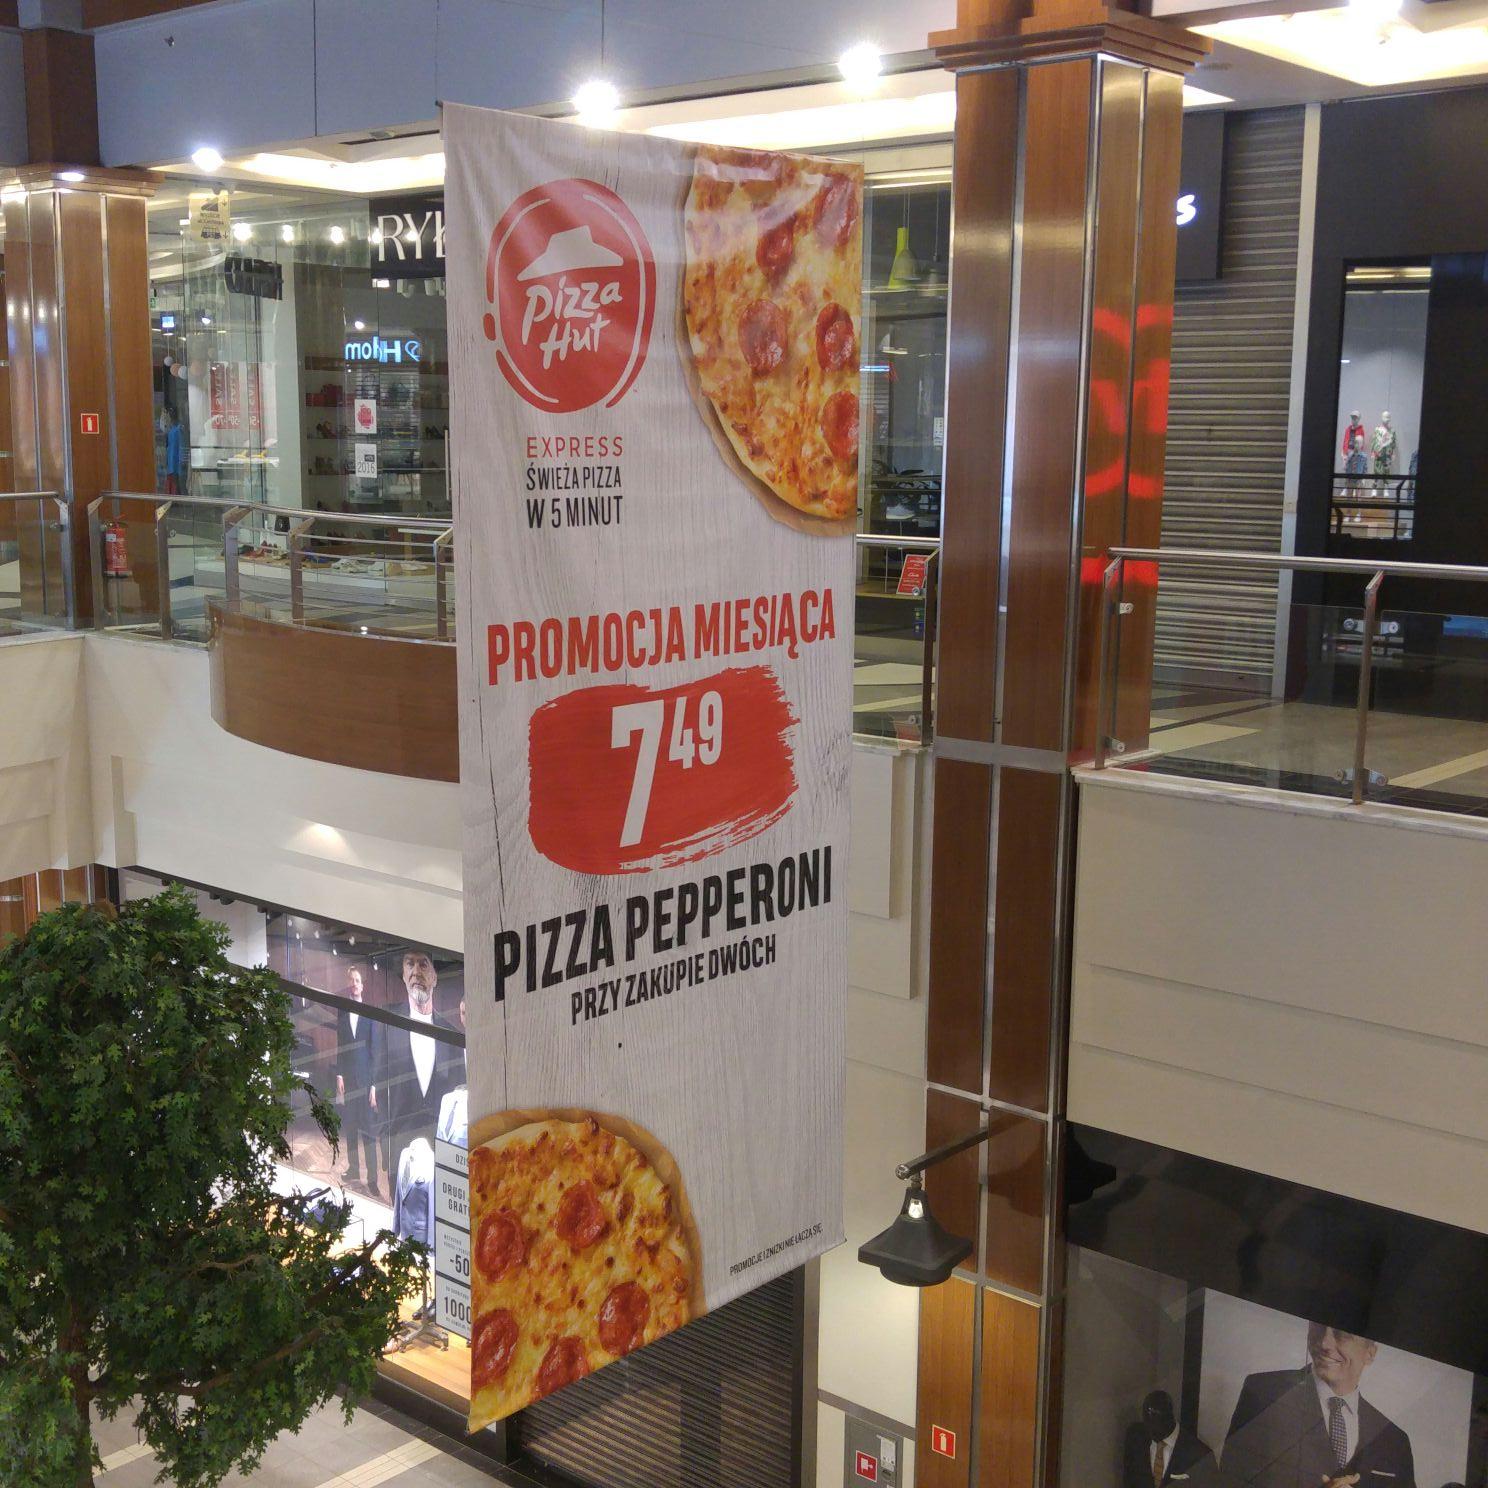 Poznań C.H. Plaza Pepperoni Pizza Hut ,  czy inne lokalizacje nie wiem. Dajcie znać to zmienie z lokalnej na ogólnopolską.